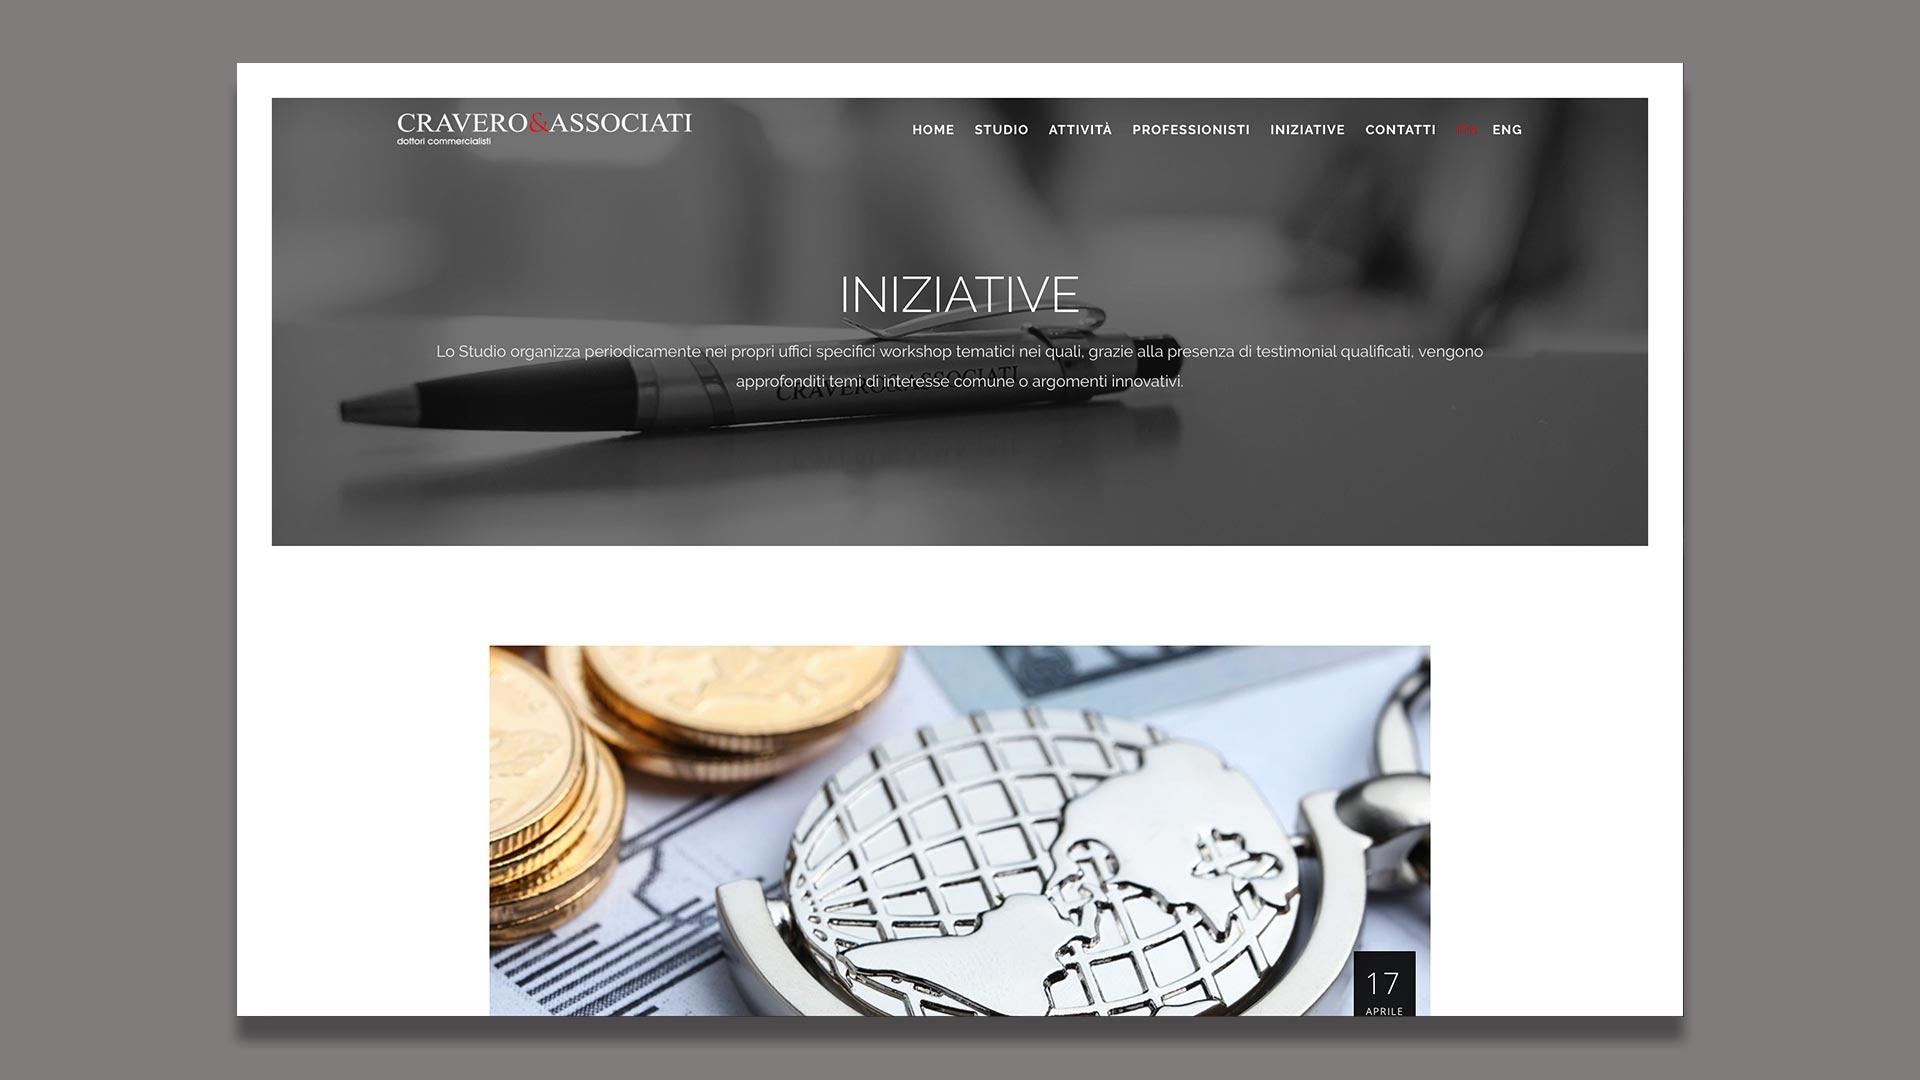 Sito Web di Cravero & Associati realizzato da OrangePix a Biella